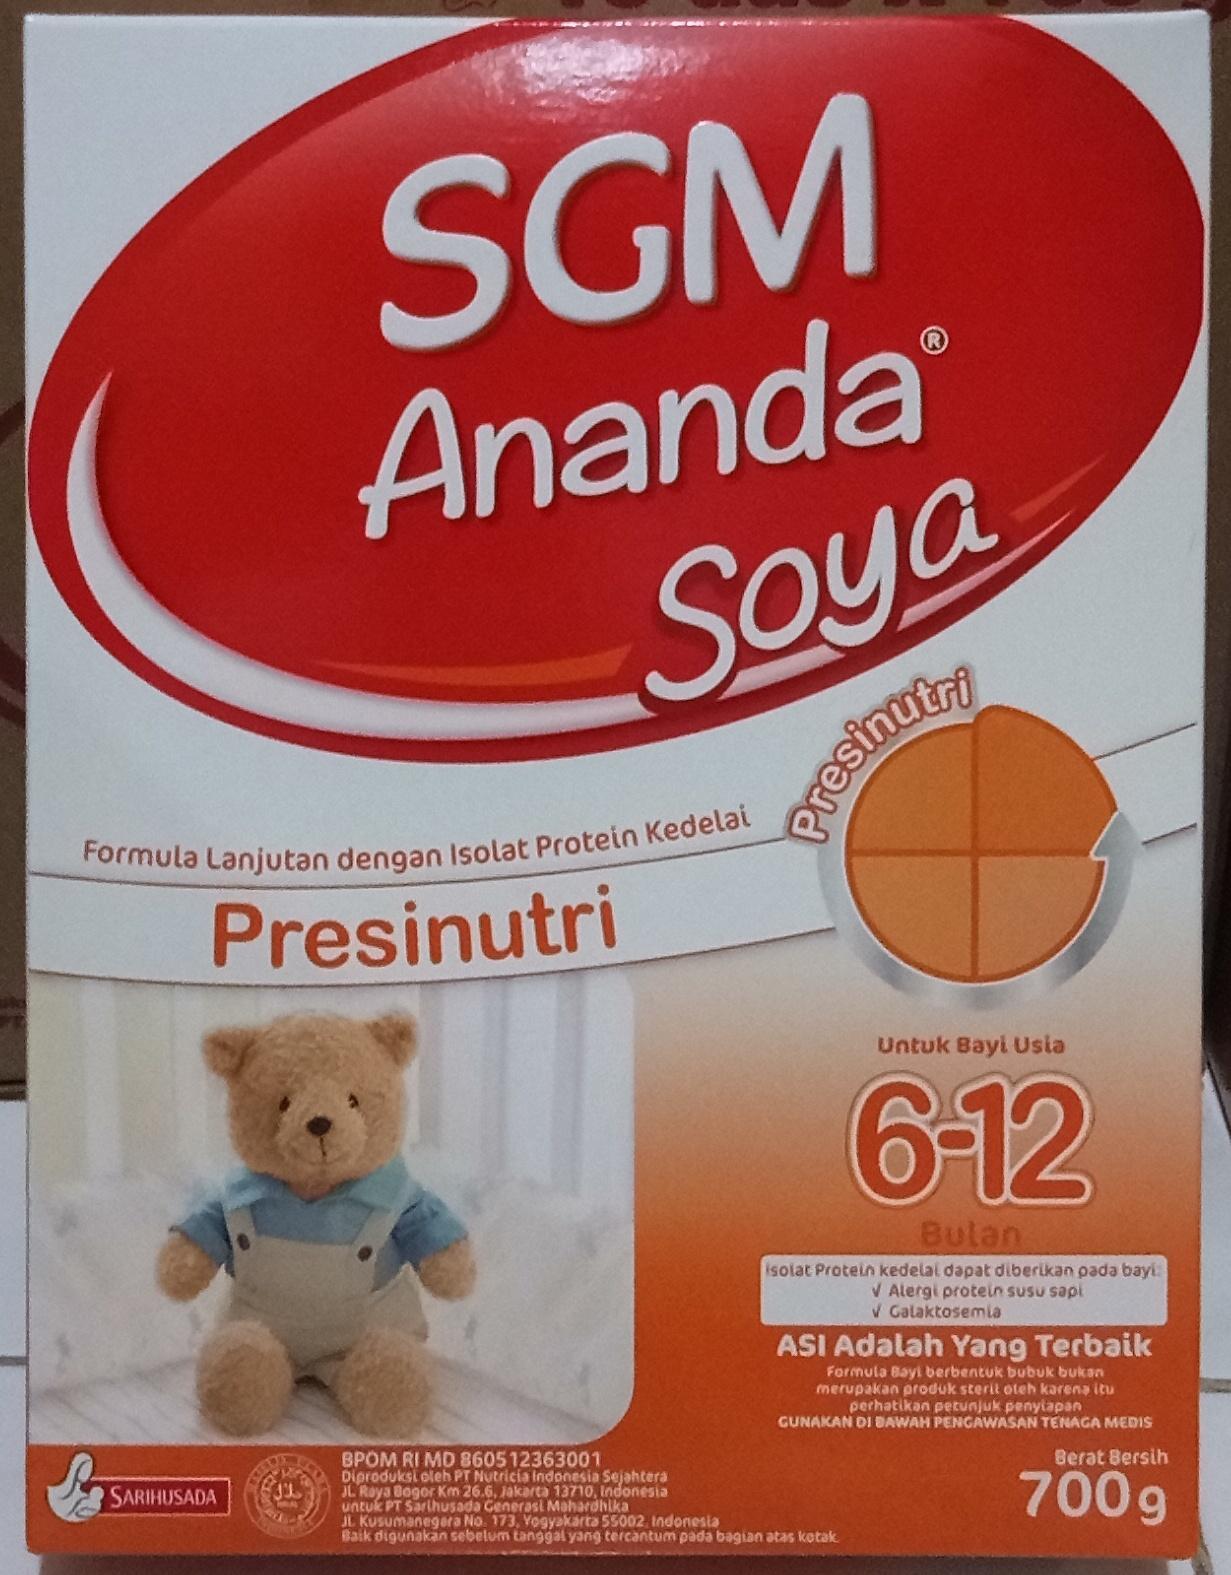 Harga Box Mcb Domae Schneider 12 Modul Group Terbaru Setelan Kodok Panda 1125 Sgm Ananda Soya 6 Bulan 700g